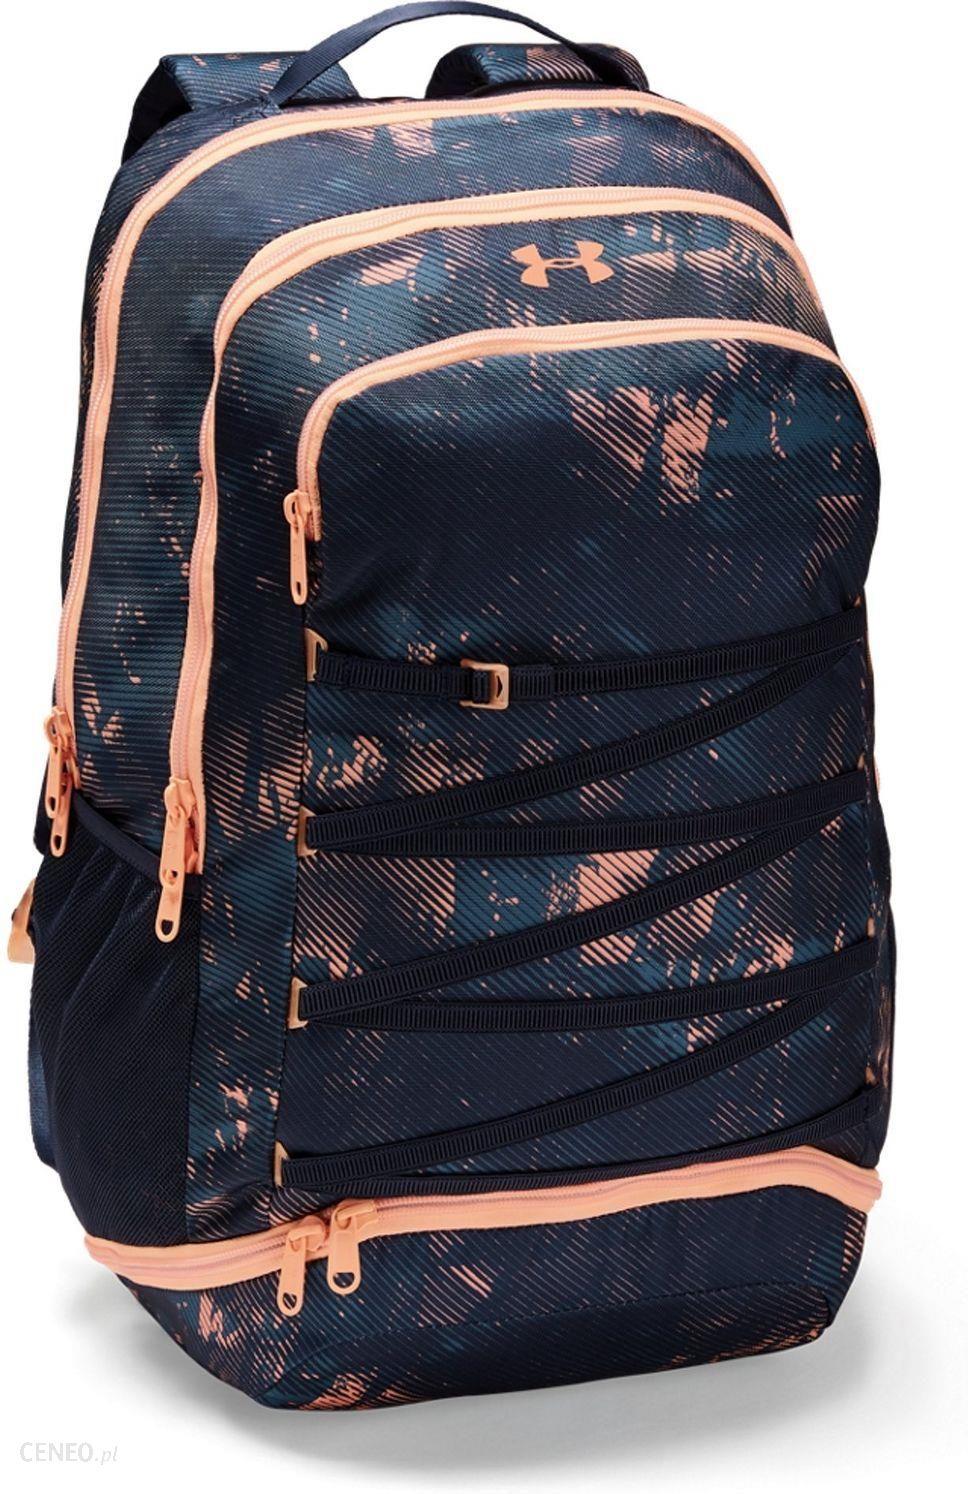 jakość wykonania słodkie tanie odebrane Plecak Under Armour Plecak Imprint Navy 1316408408 - Ceny i opinie -  Ceneo.pl